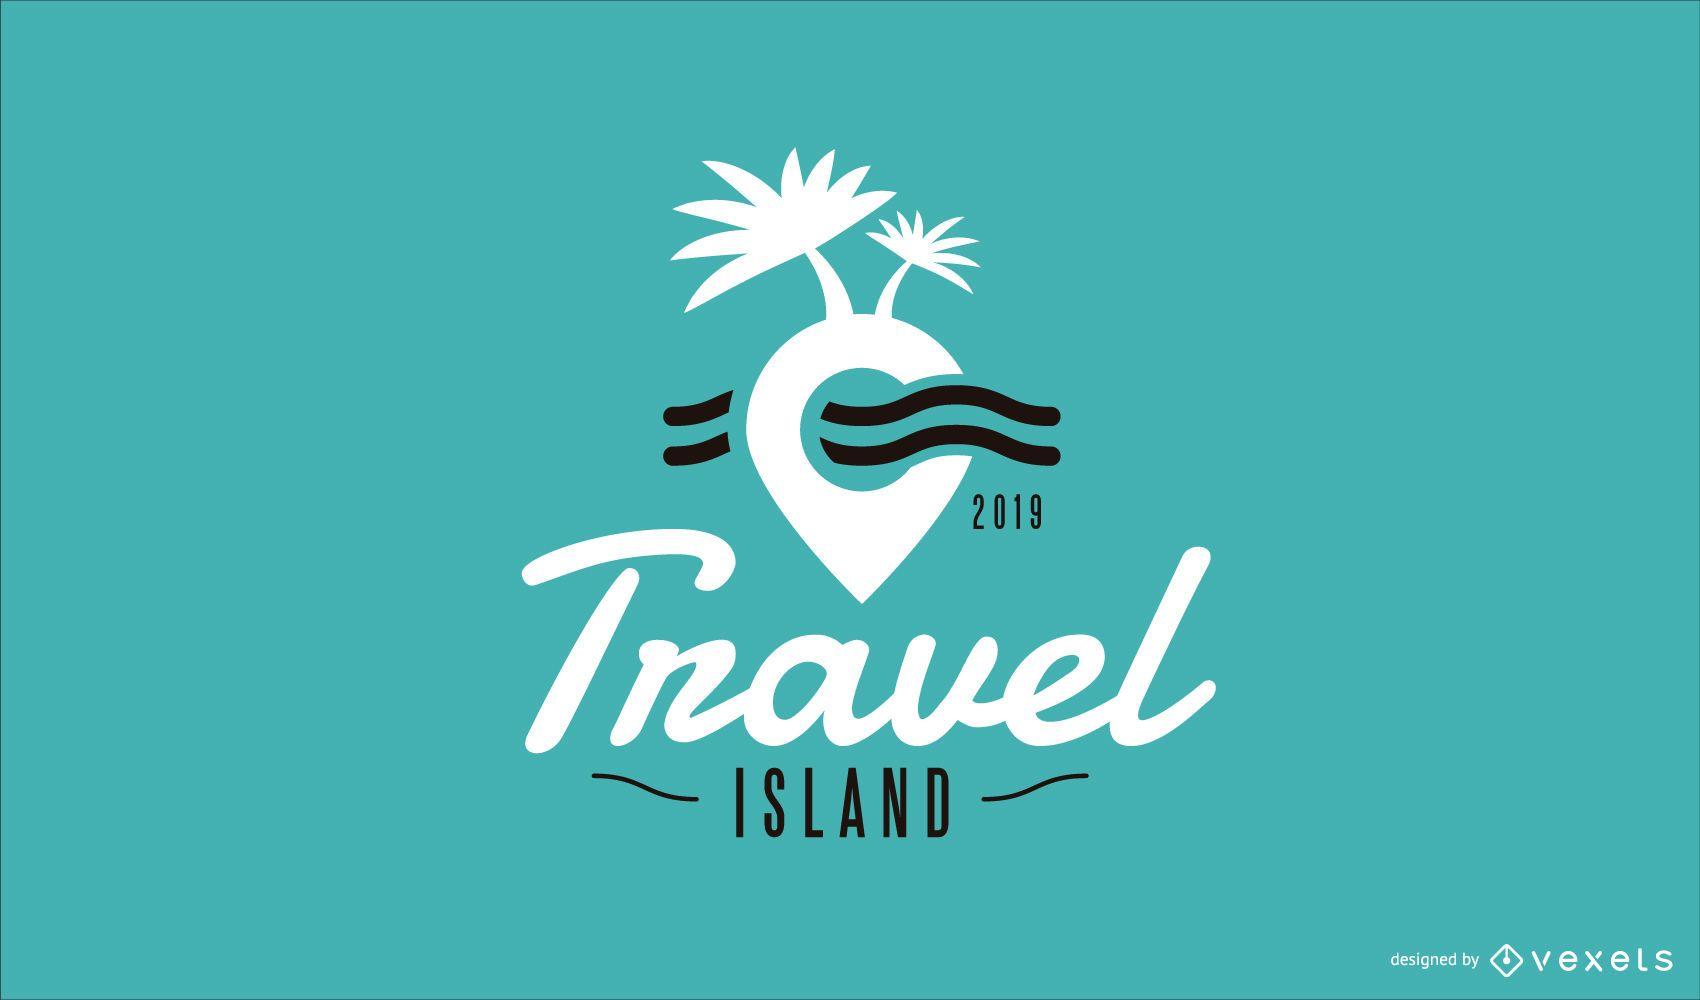 Dise?o de plantilla de logotipo Travel Island